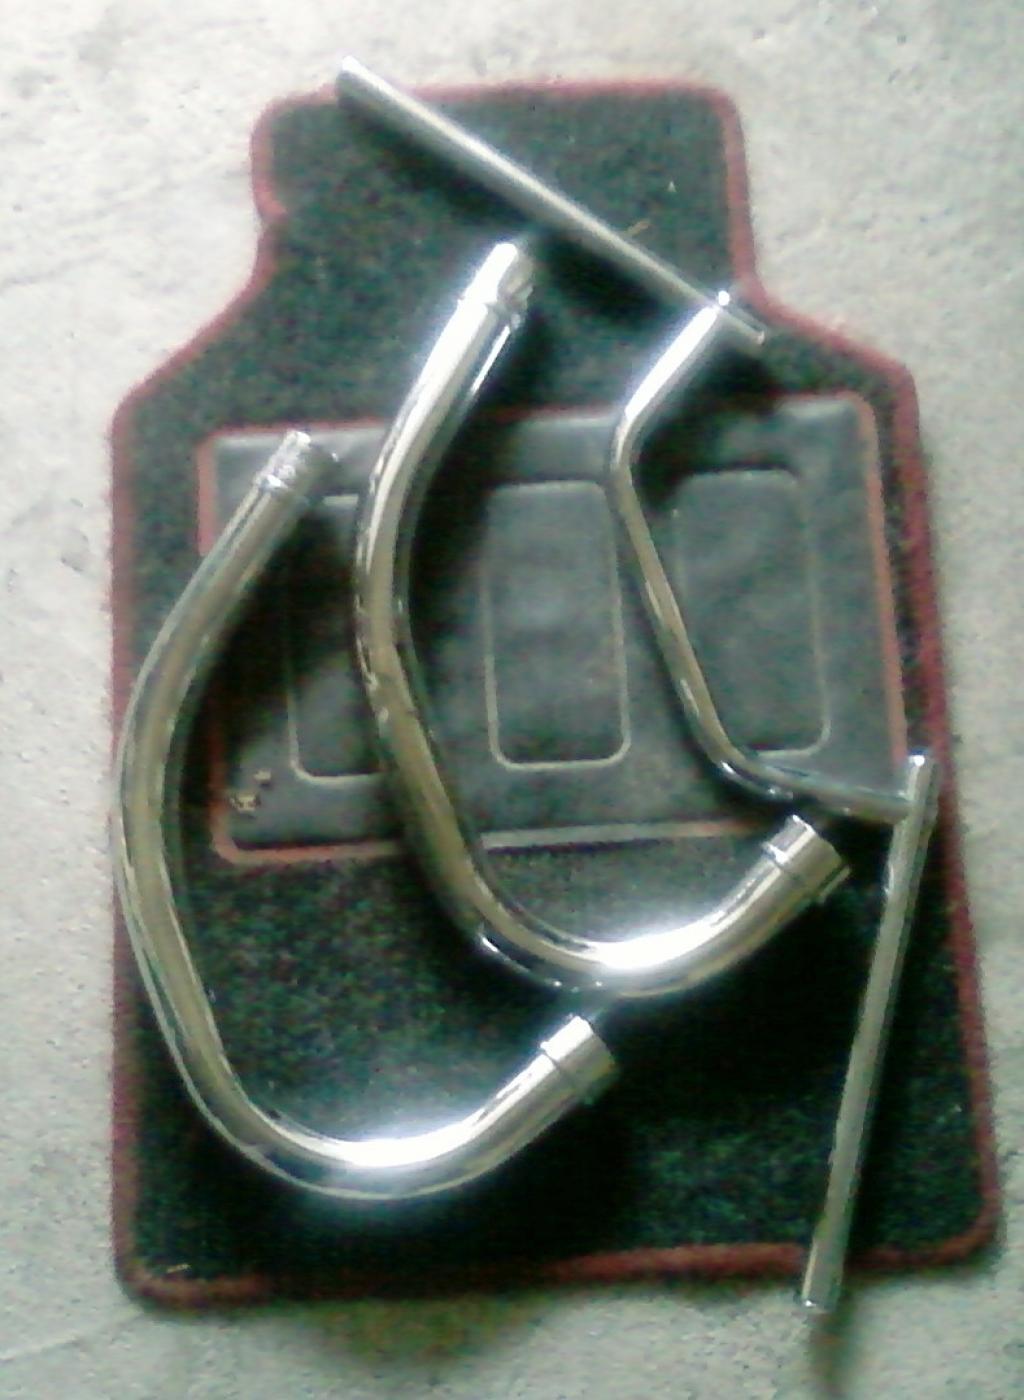 Mes brêlons  Spm_a0035-80f784